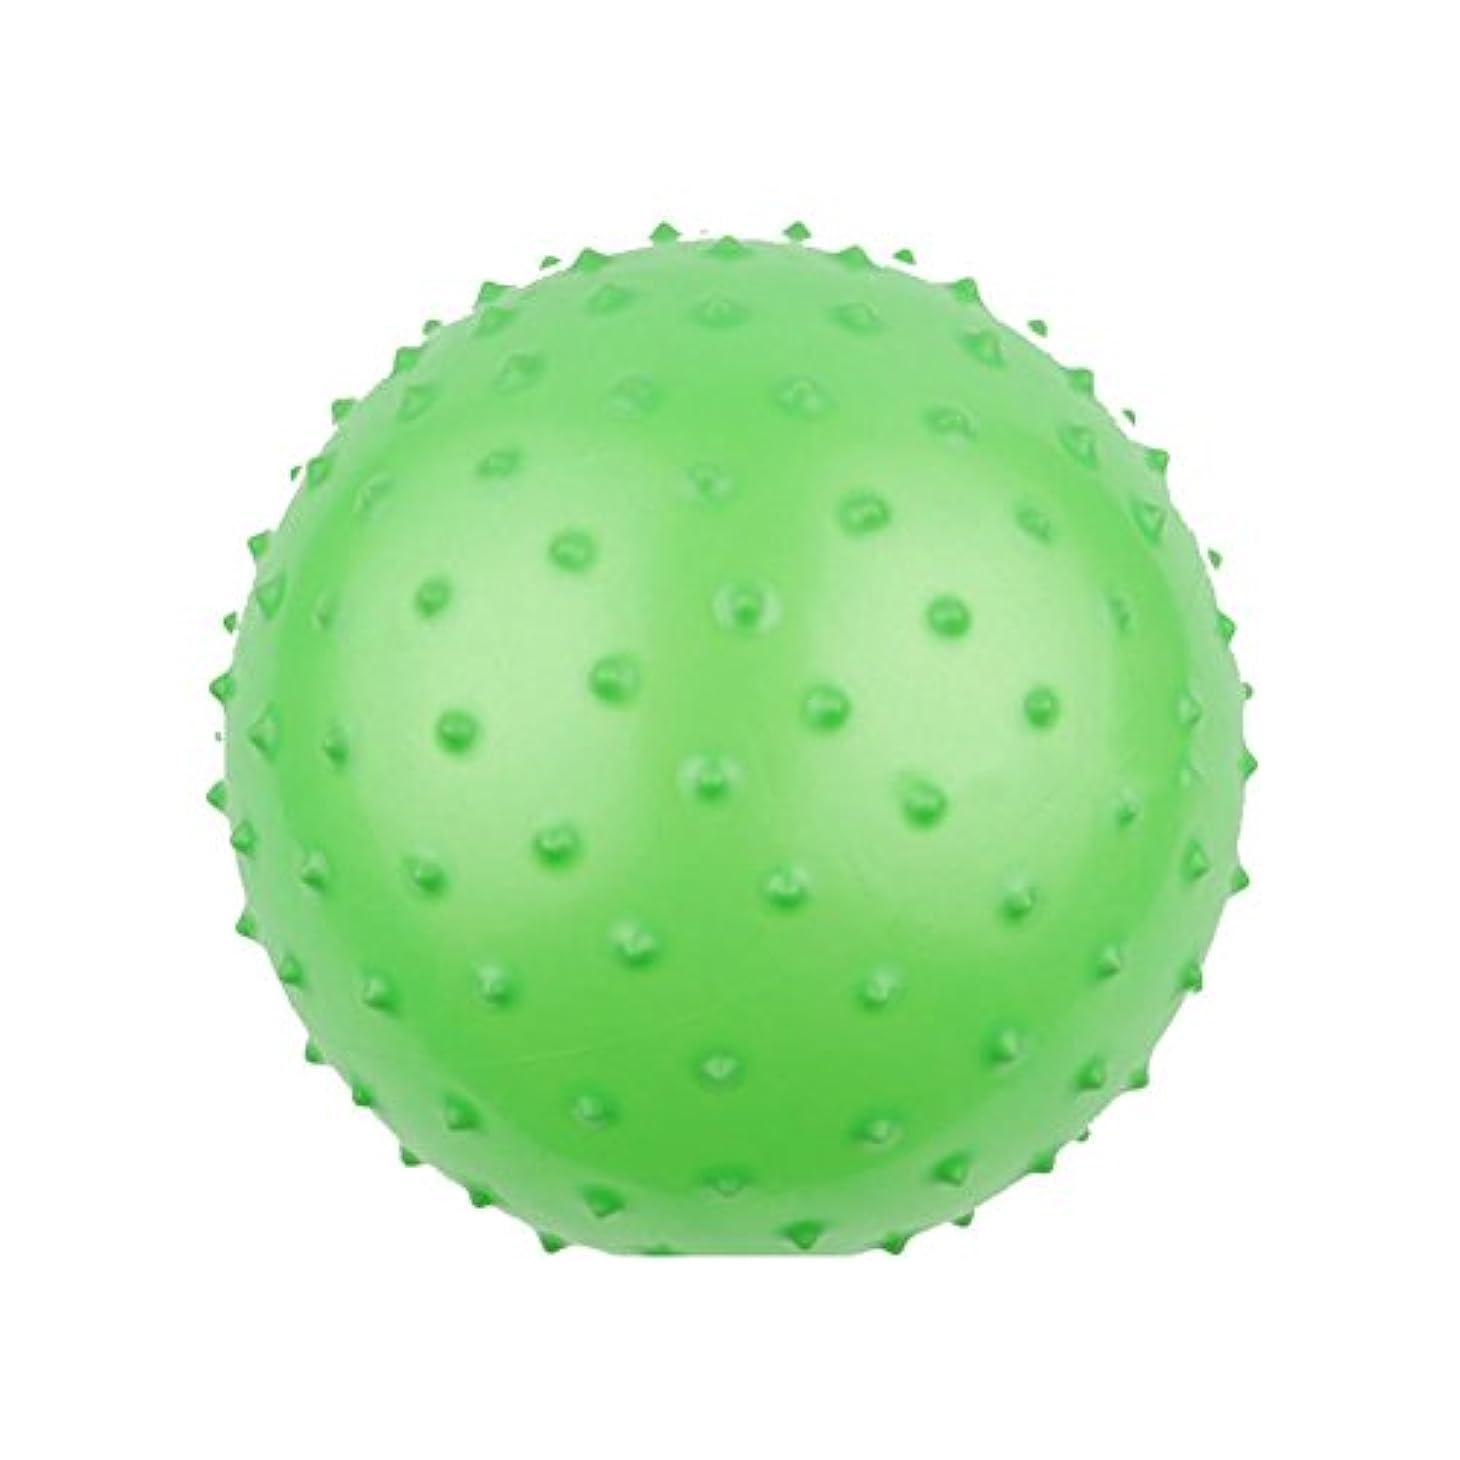 シャープ隔離ペアLiebeye 野球ボール 素敵な野球ボールマッサージボールキッズインフレータブルおもちゃのギフト装飾品(ランダムカラー) 28cmマッサージボール